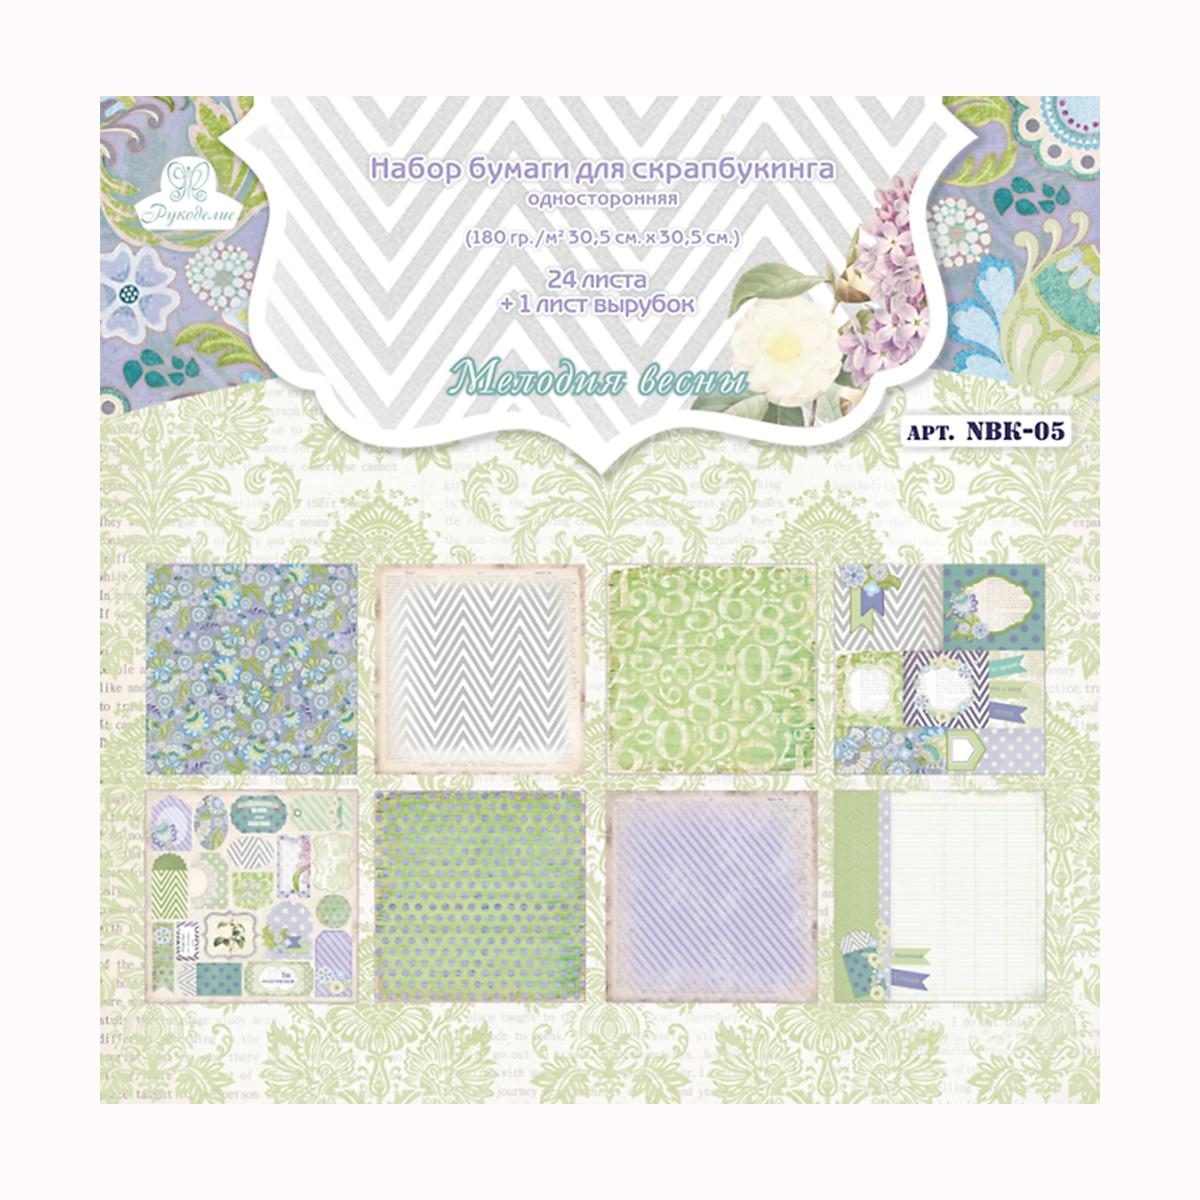 Набор бумаги для скрапбукинга Рукоделие Мелодия весны, 30,5 х 30,5 см. 498553498553